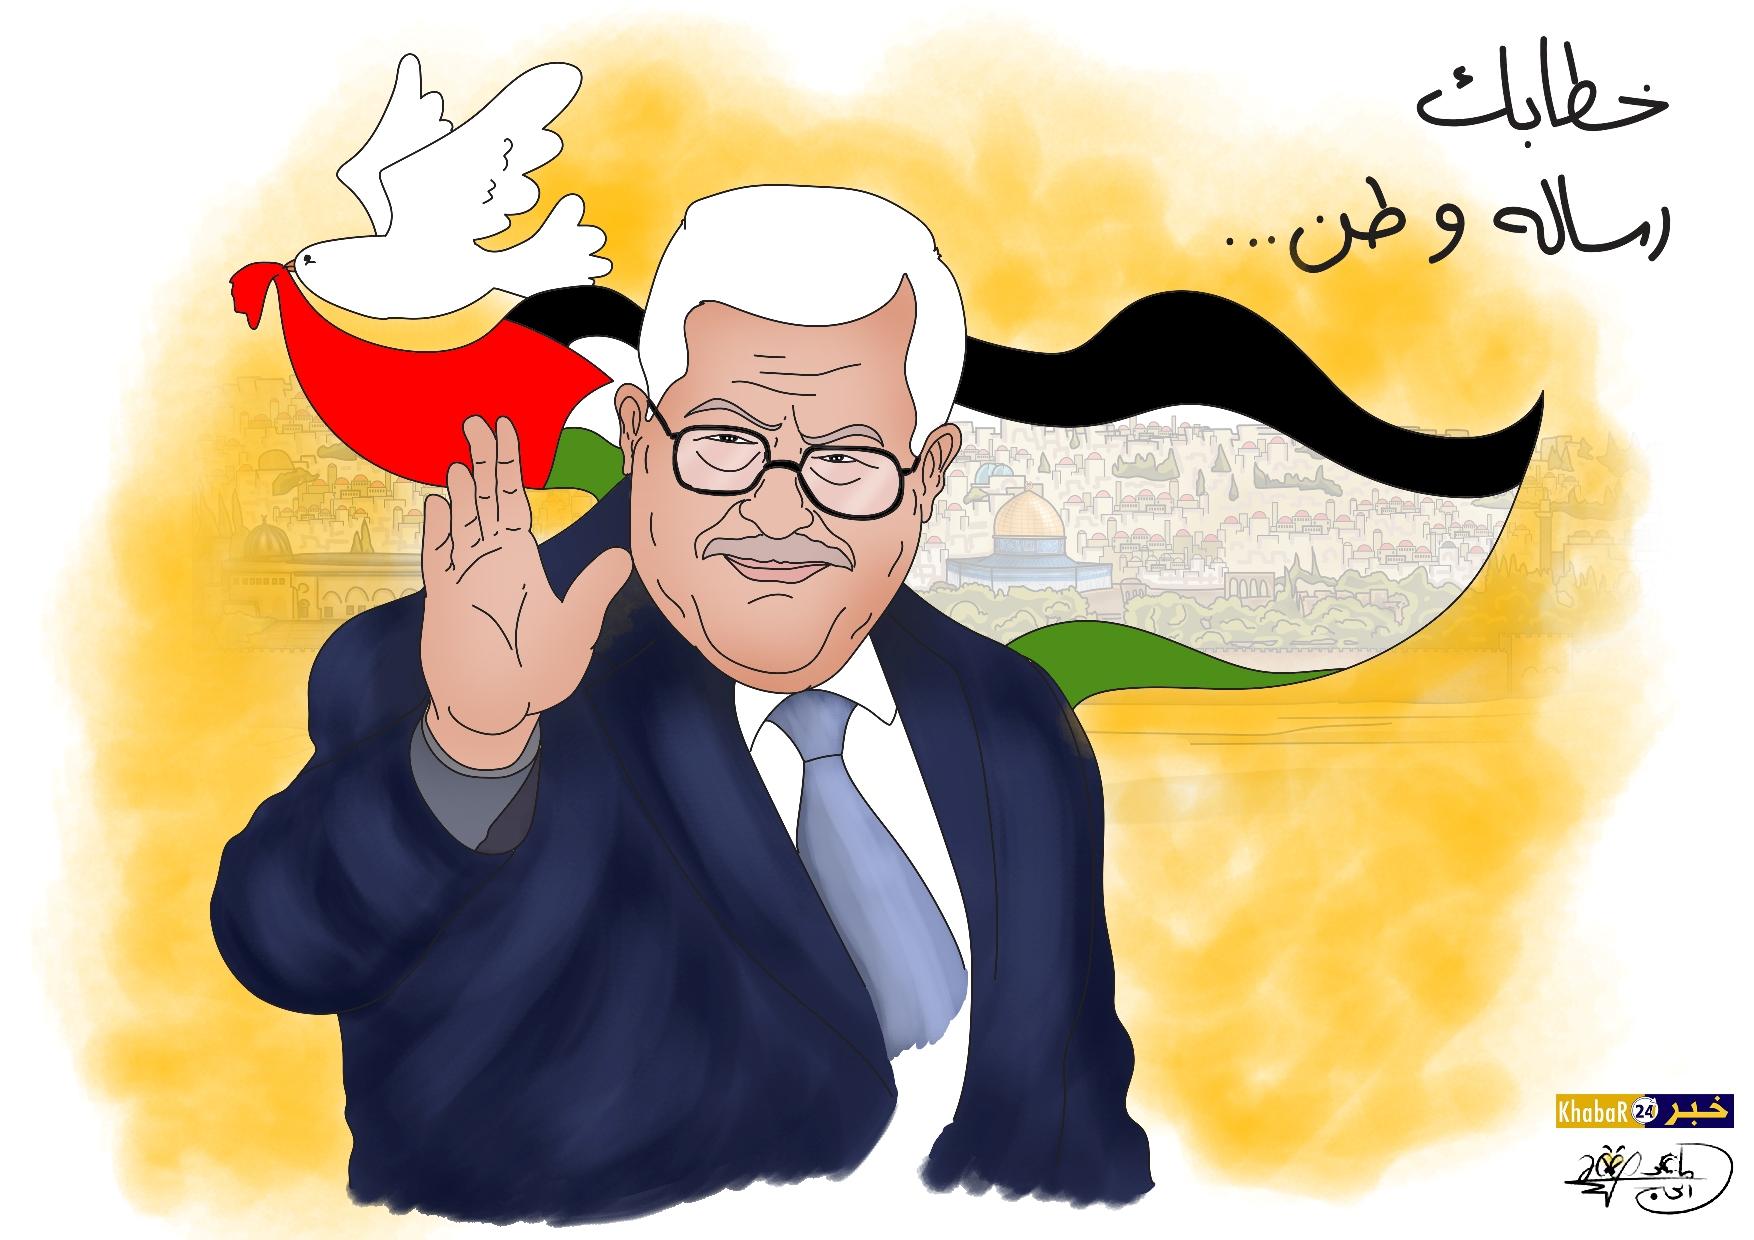 صوت فلسطين الى الأمم